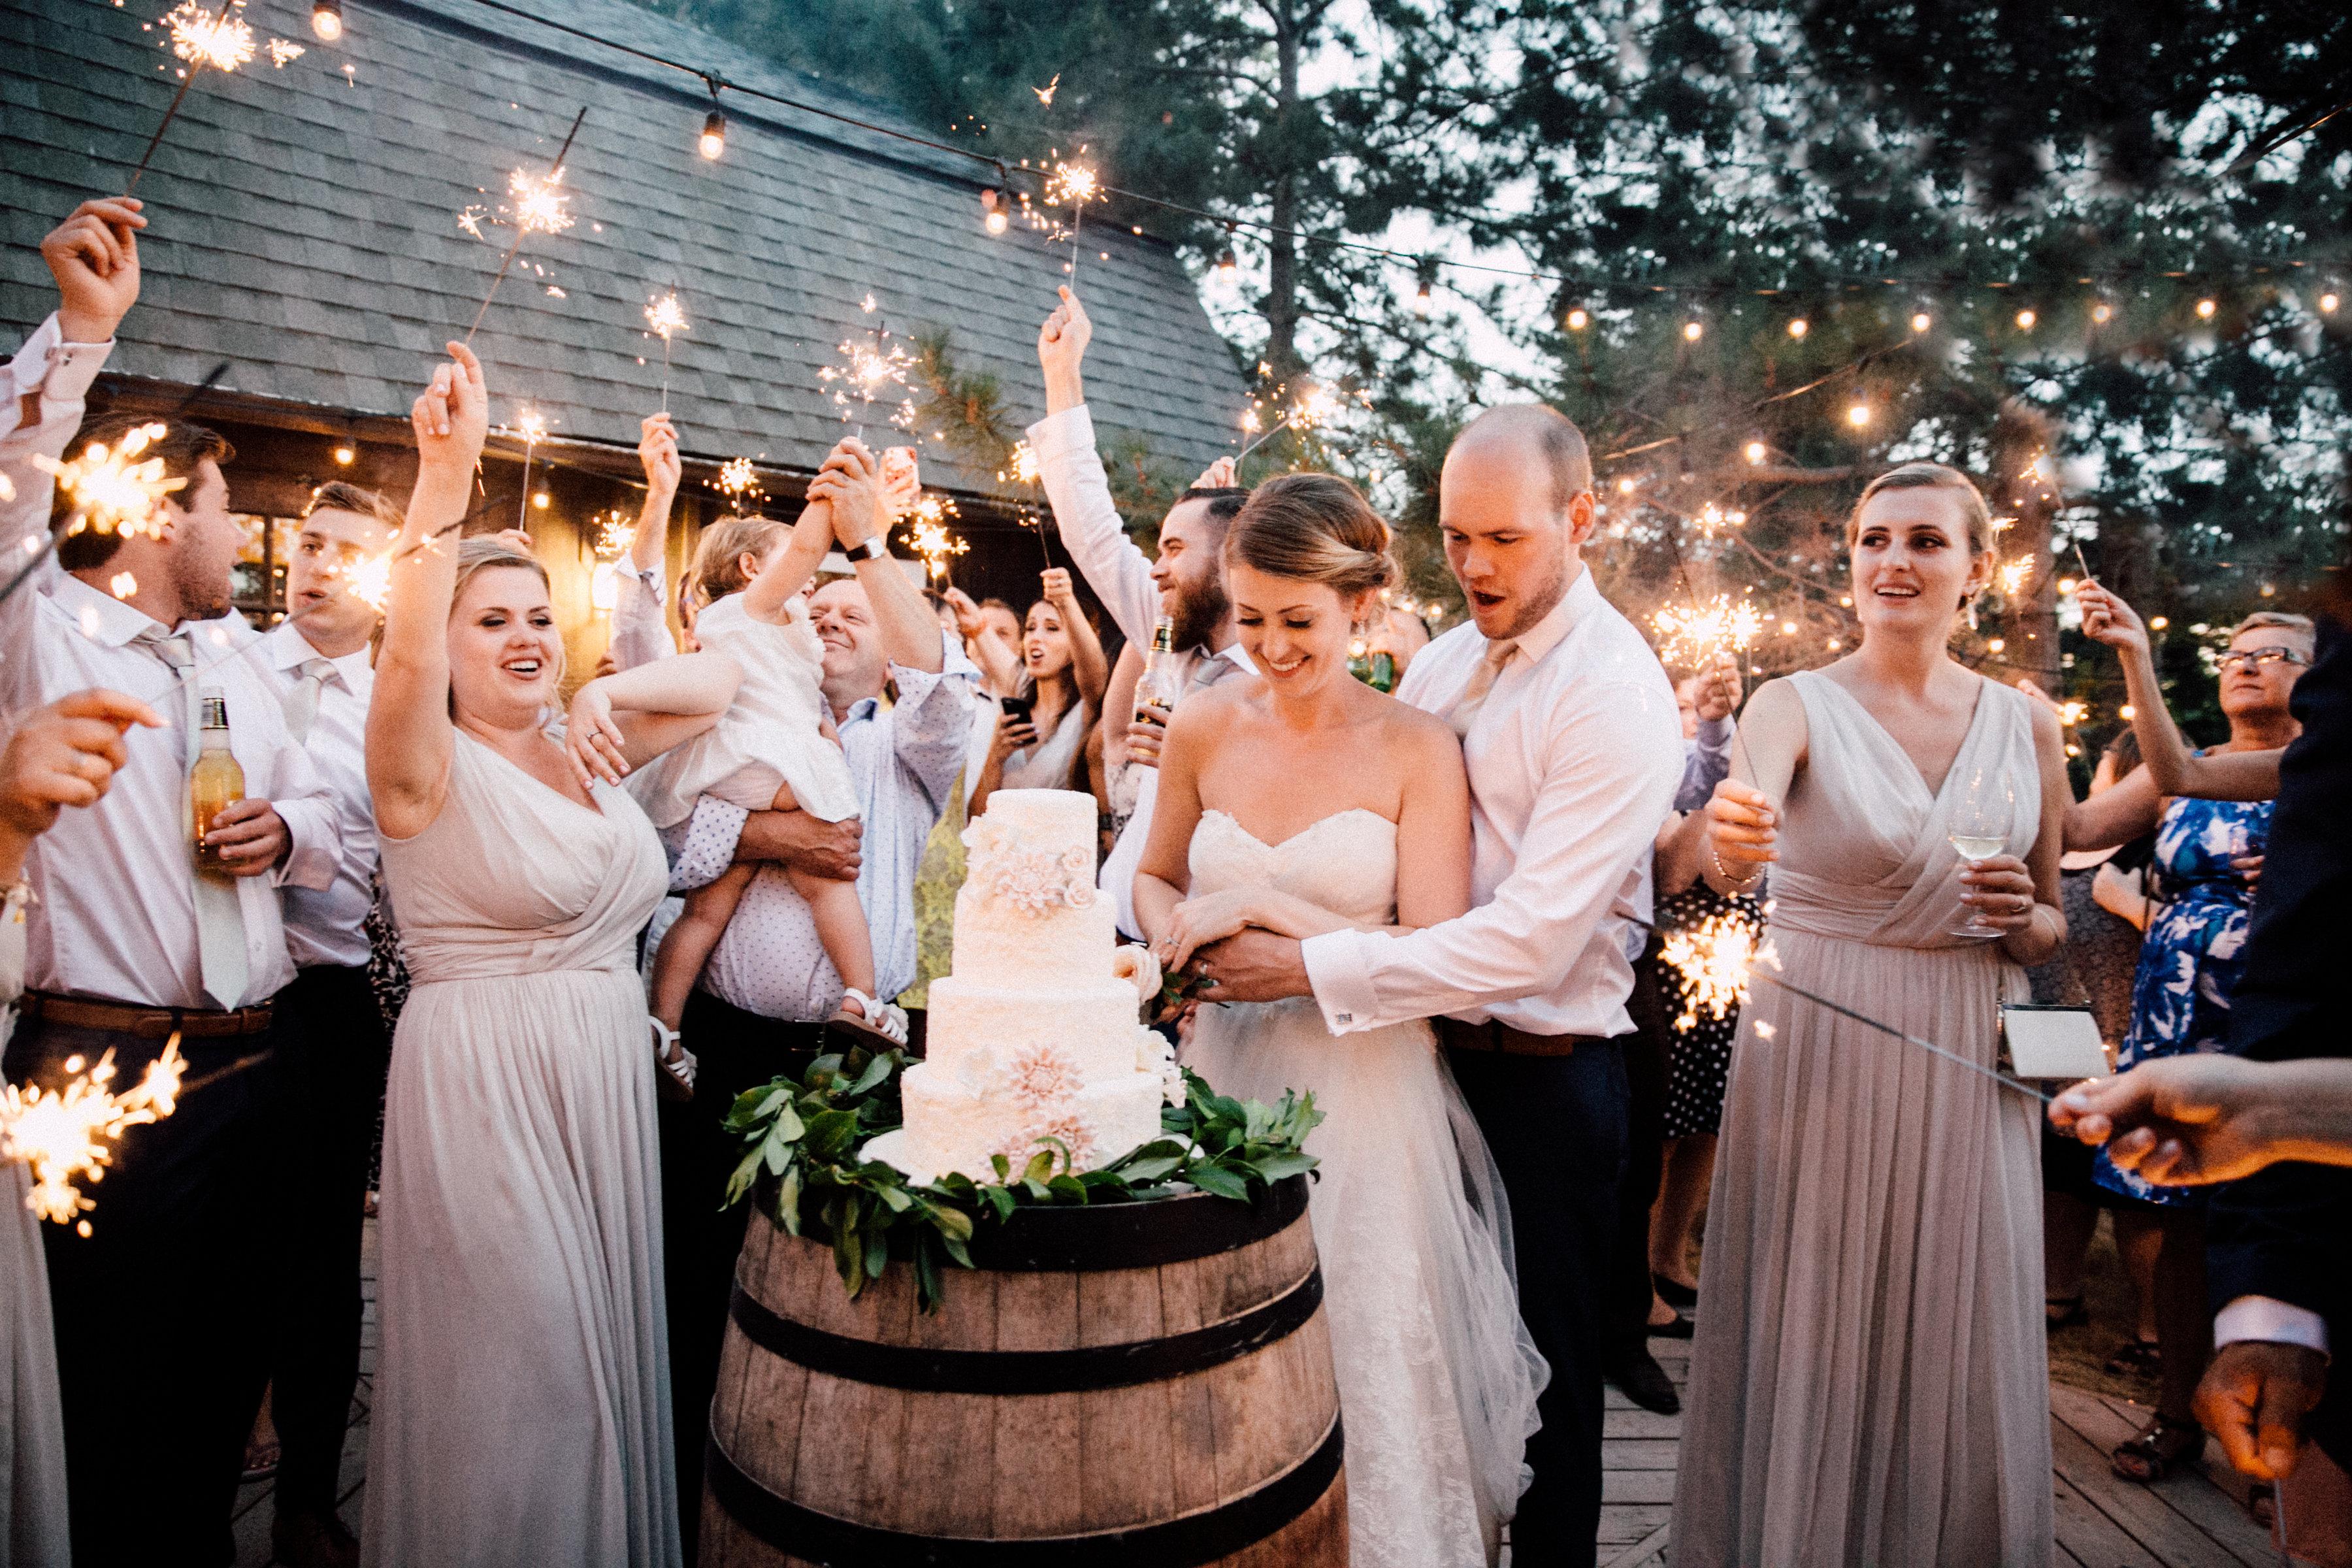 Ένας εναλλακτικός μπουφές για τη γαμήλια δεξίωσή σας | e ...